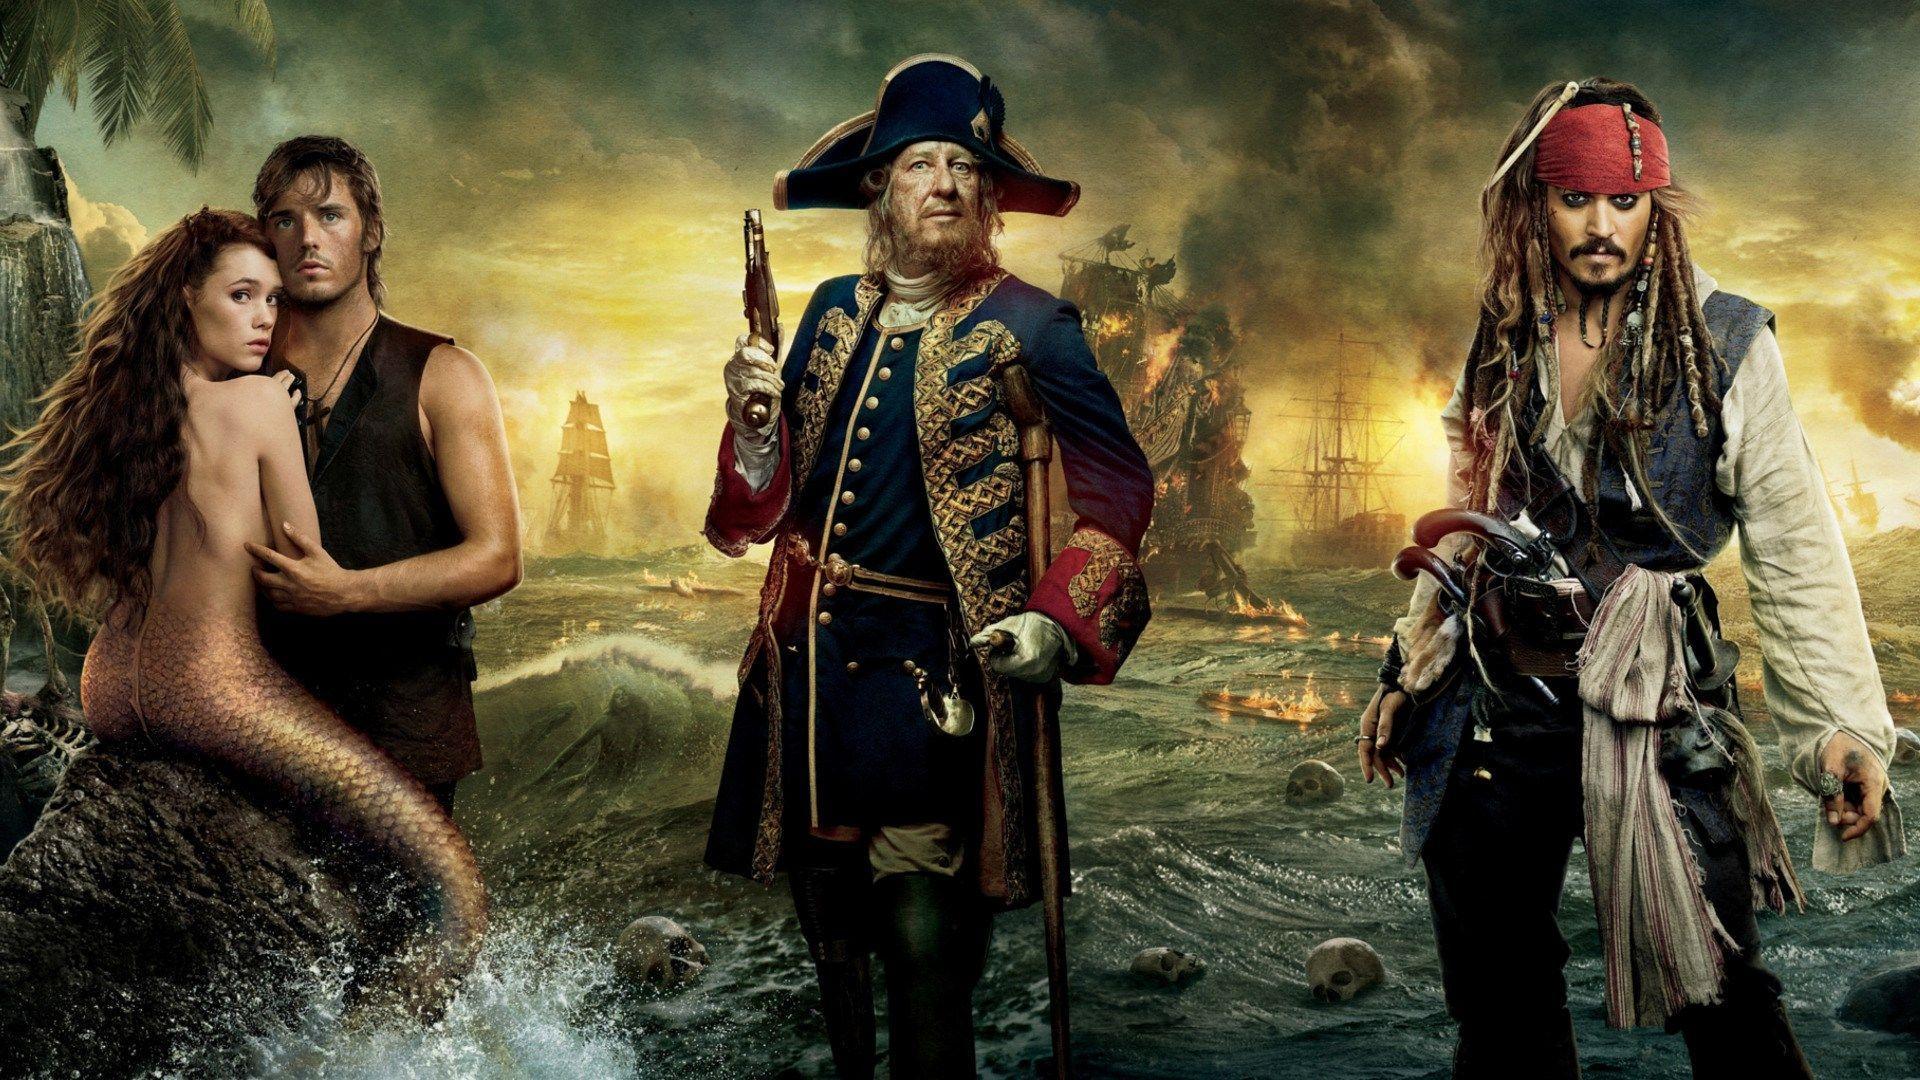 Картинки из пираты карибского моря последняя часть